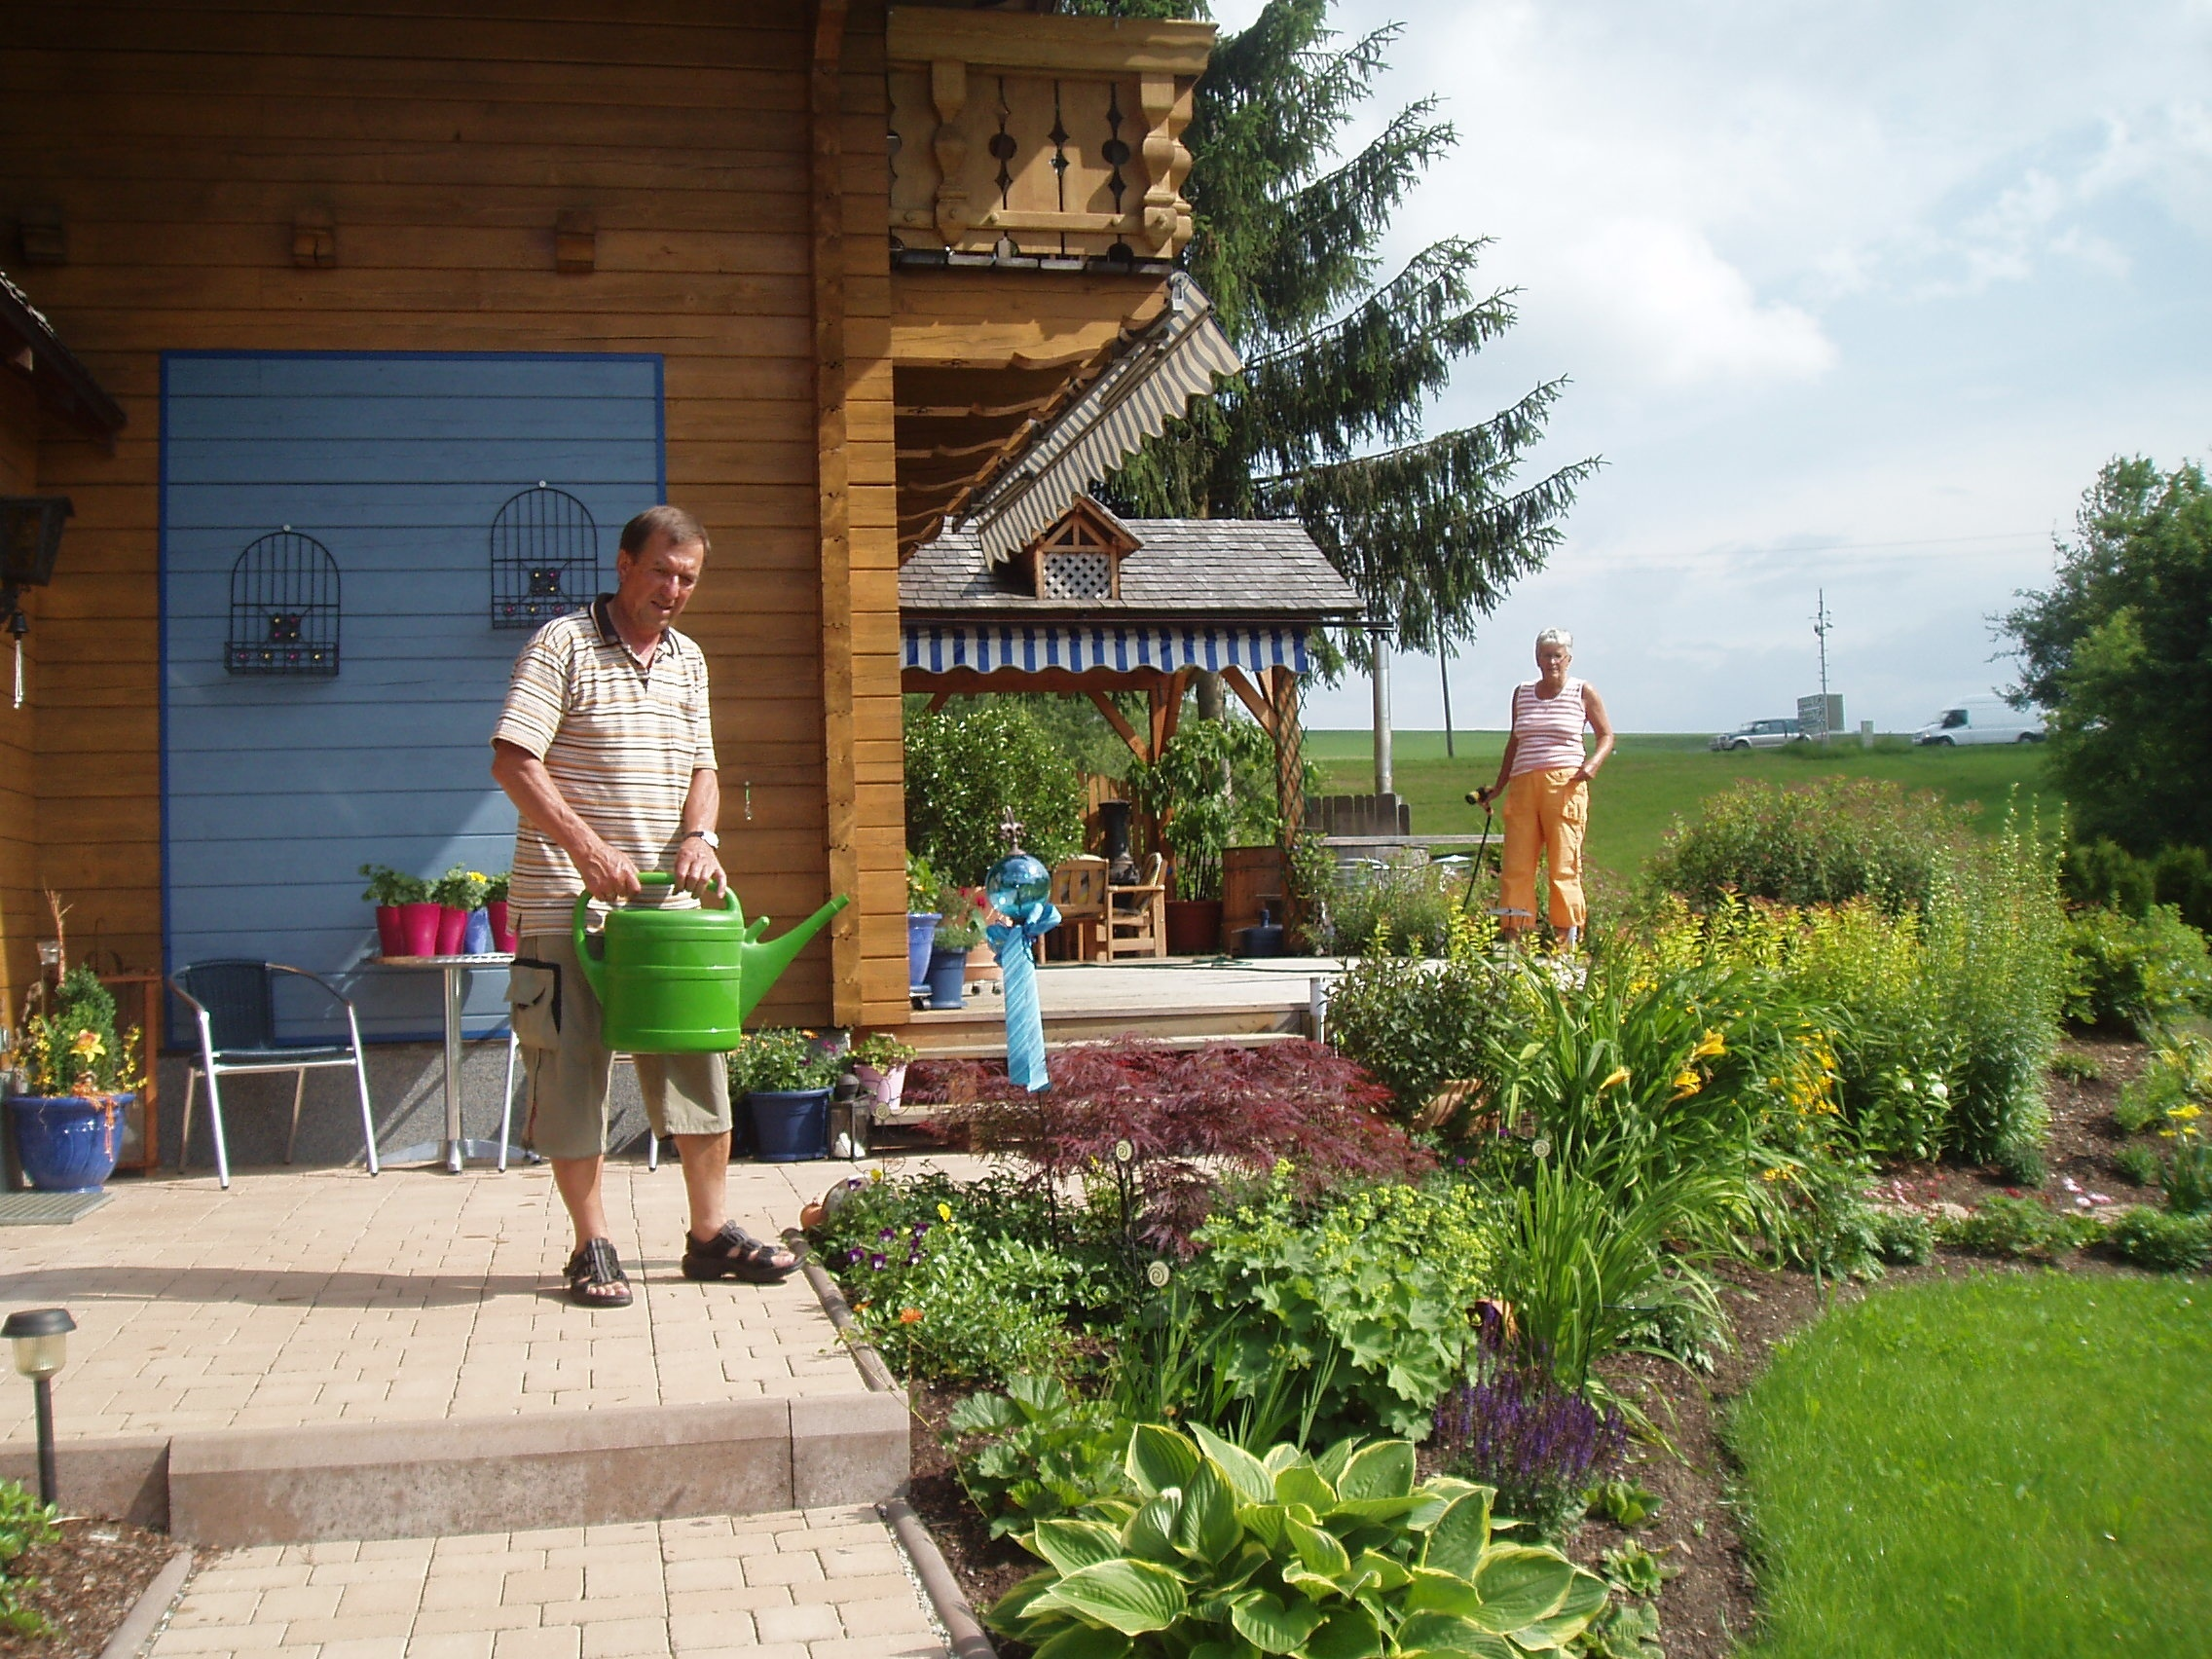 Urlaubszeit - Vertretung im Garten!